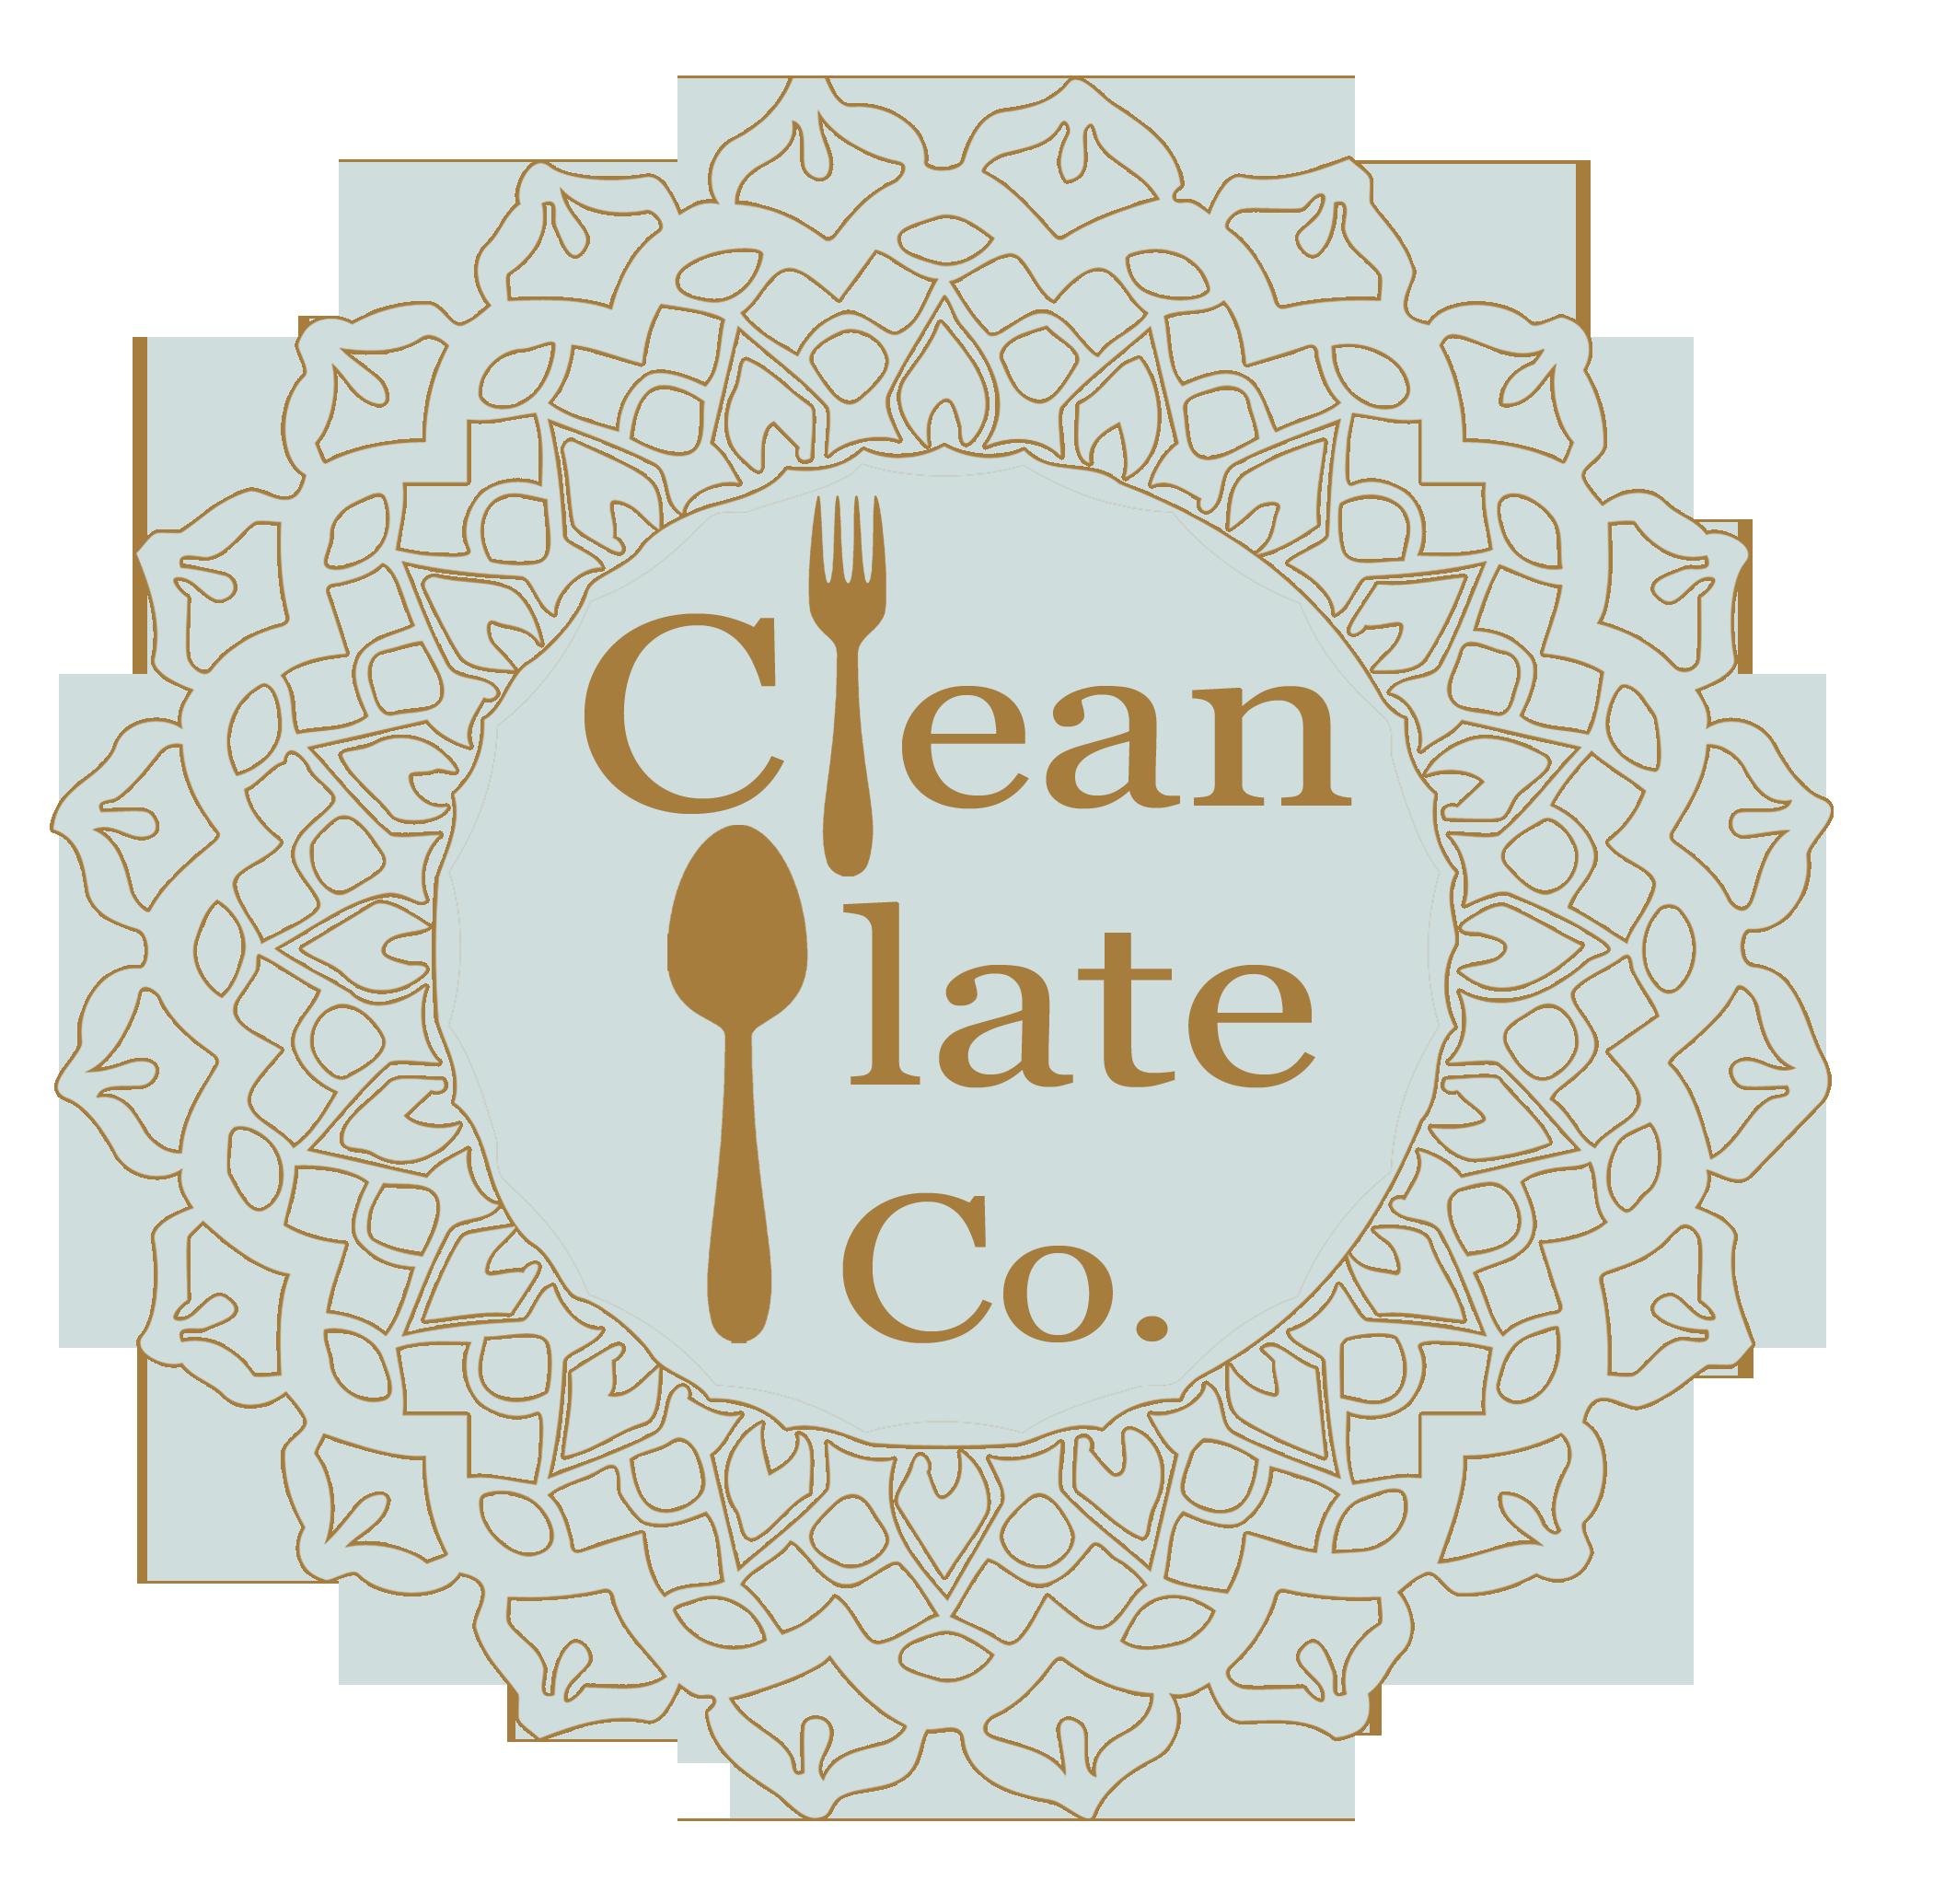 cleanplate